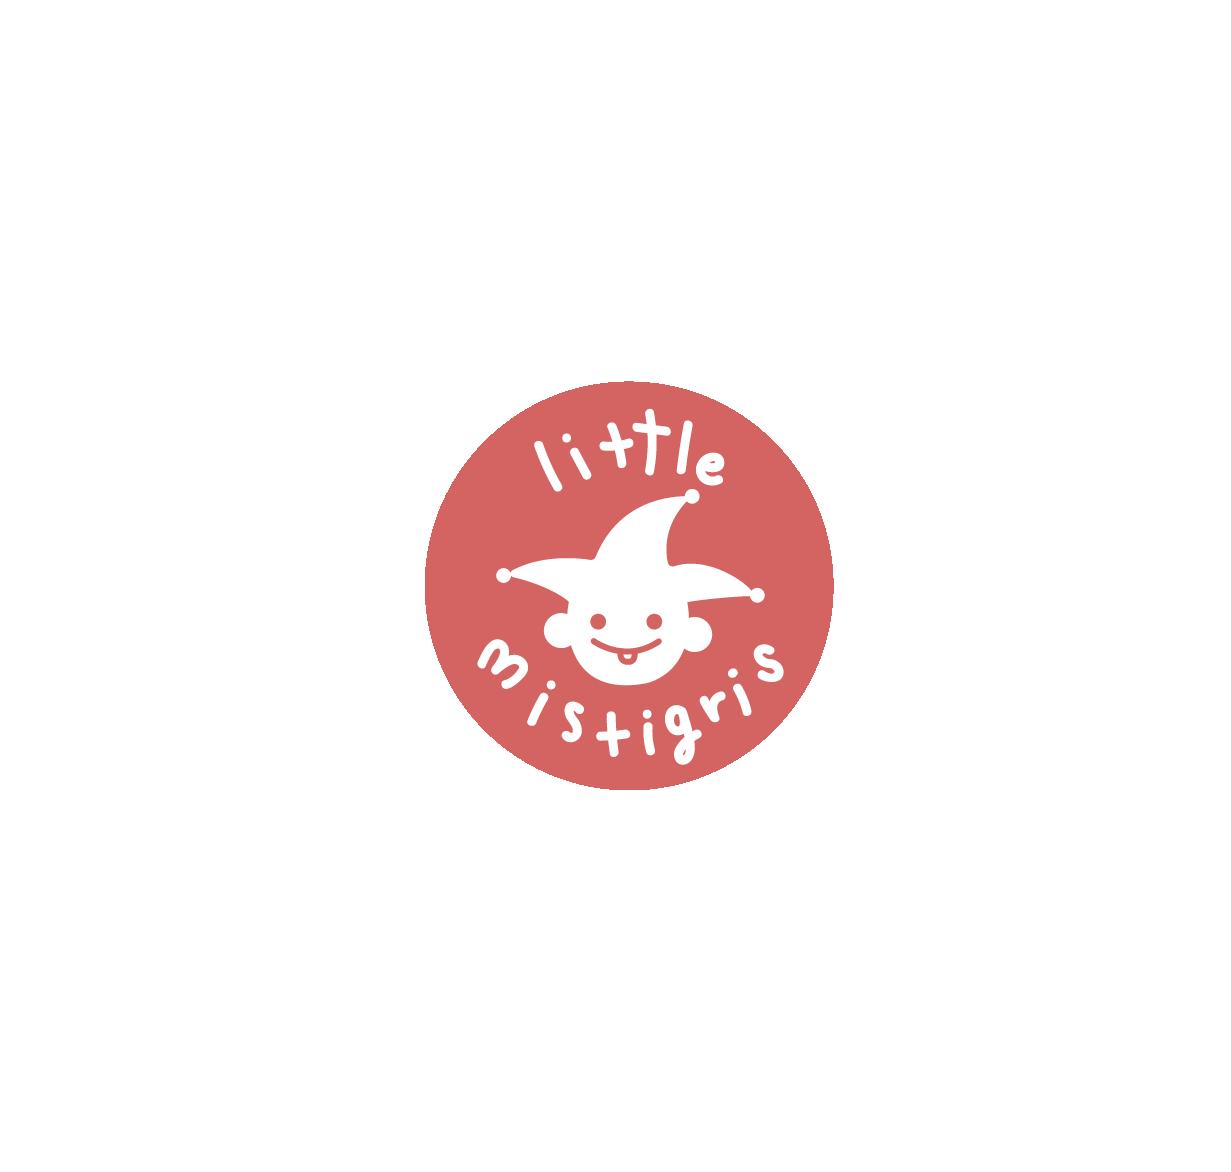 LittleMistigris_logo3-05.png